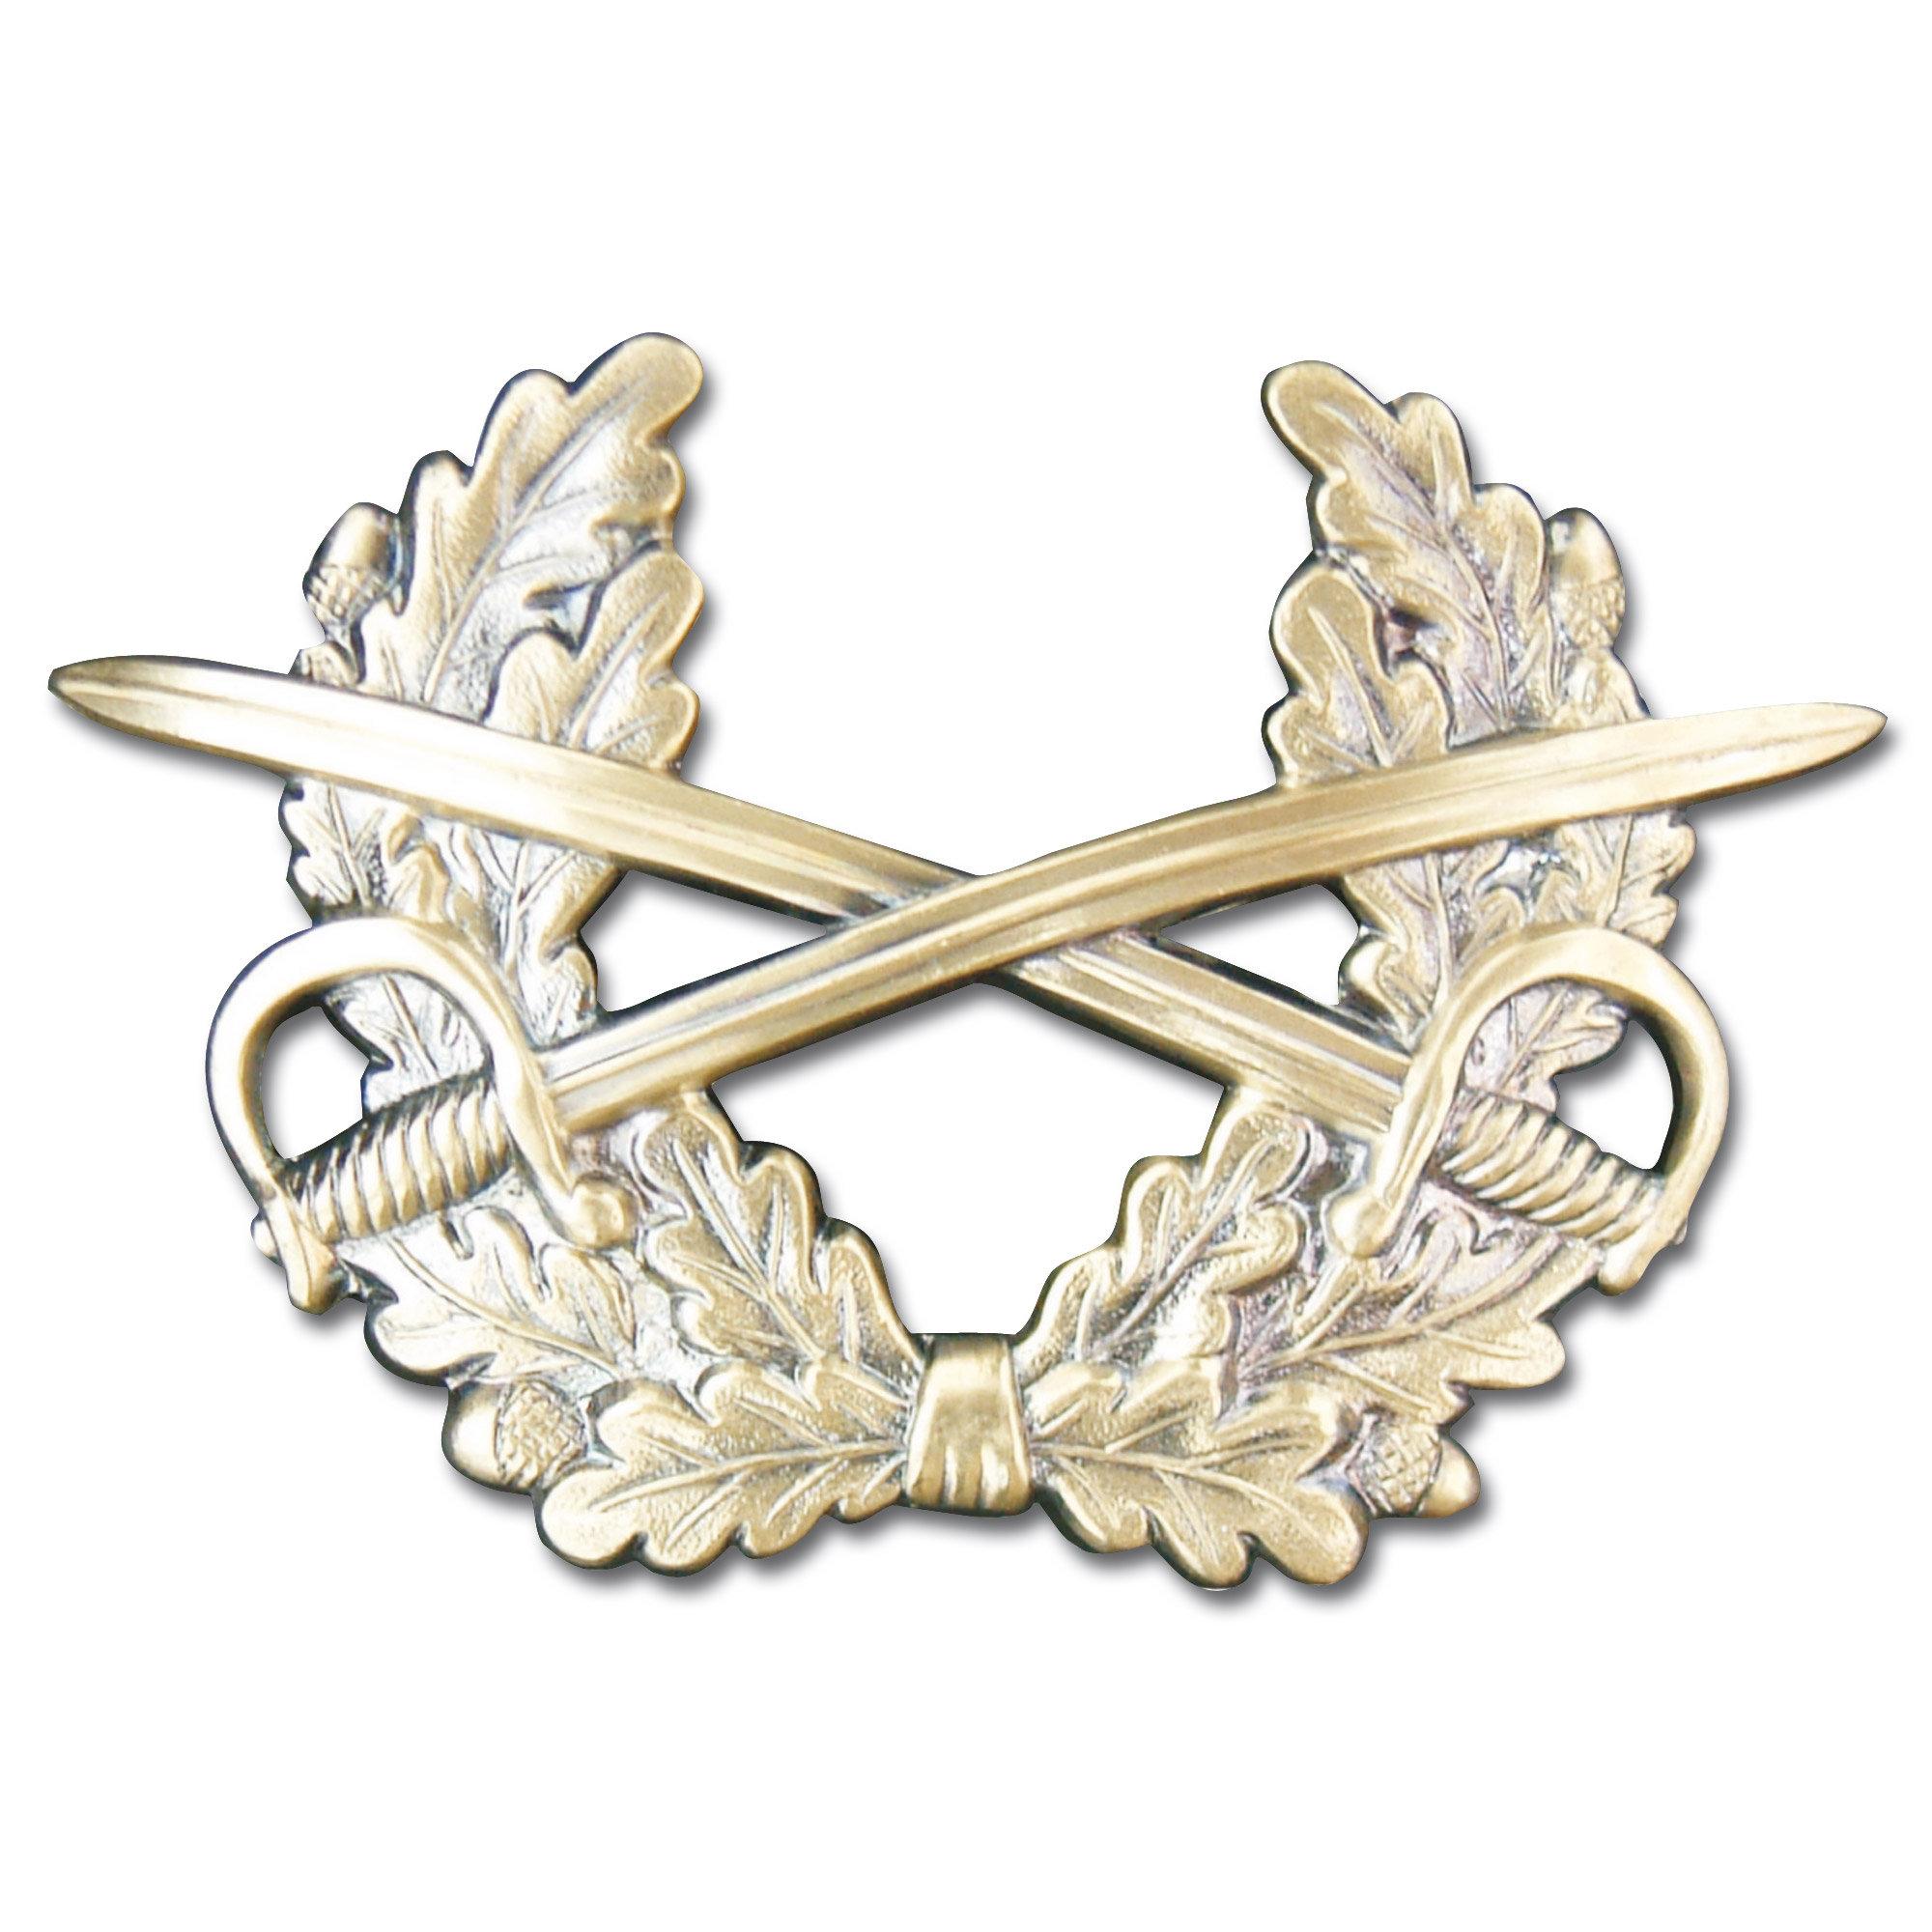 Mützenabzeichen Heer